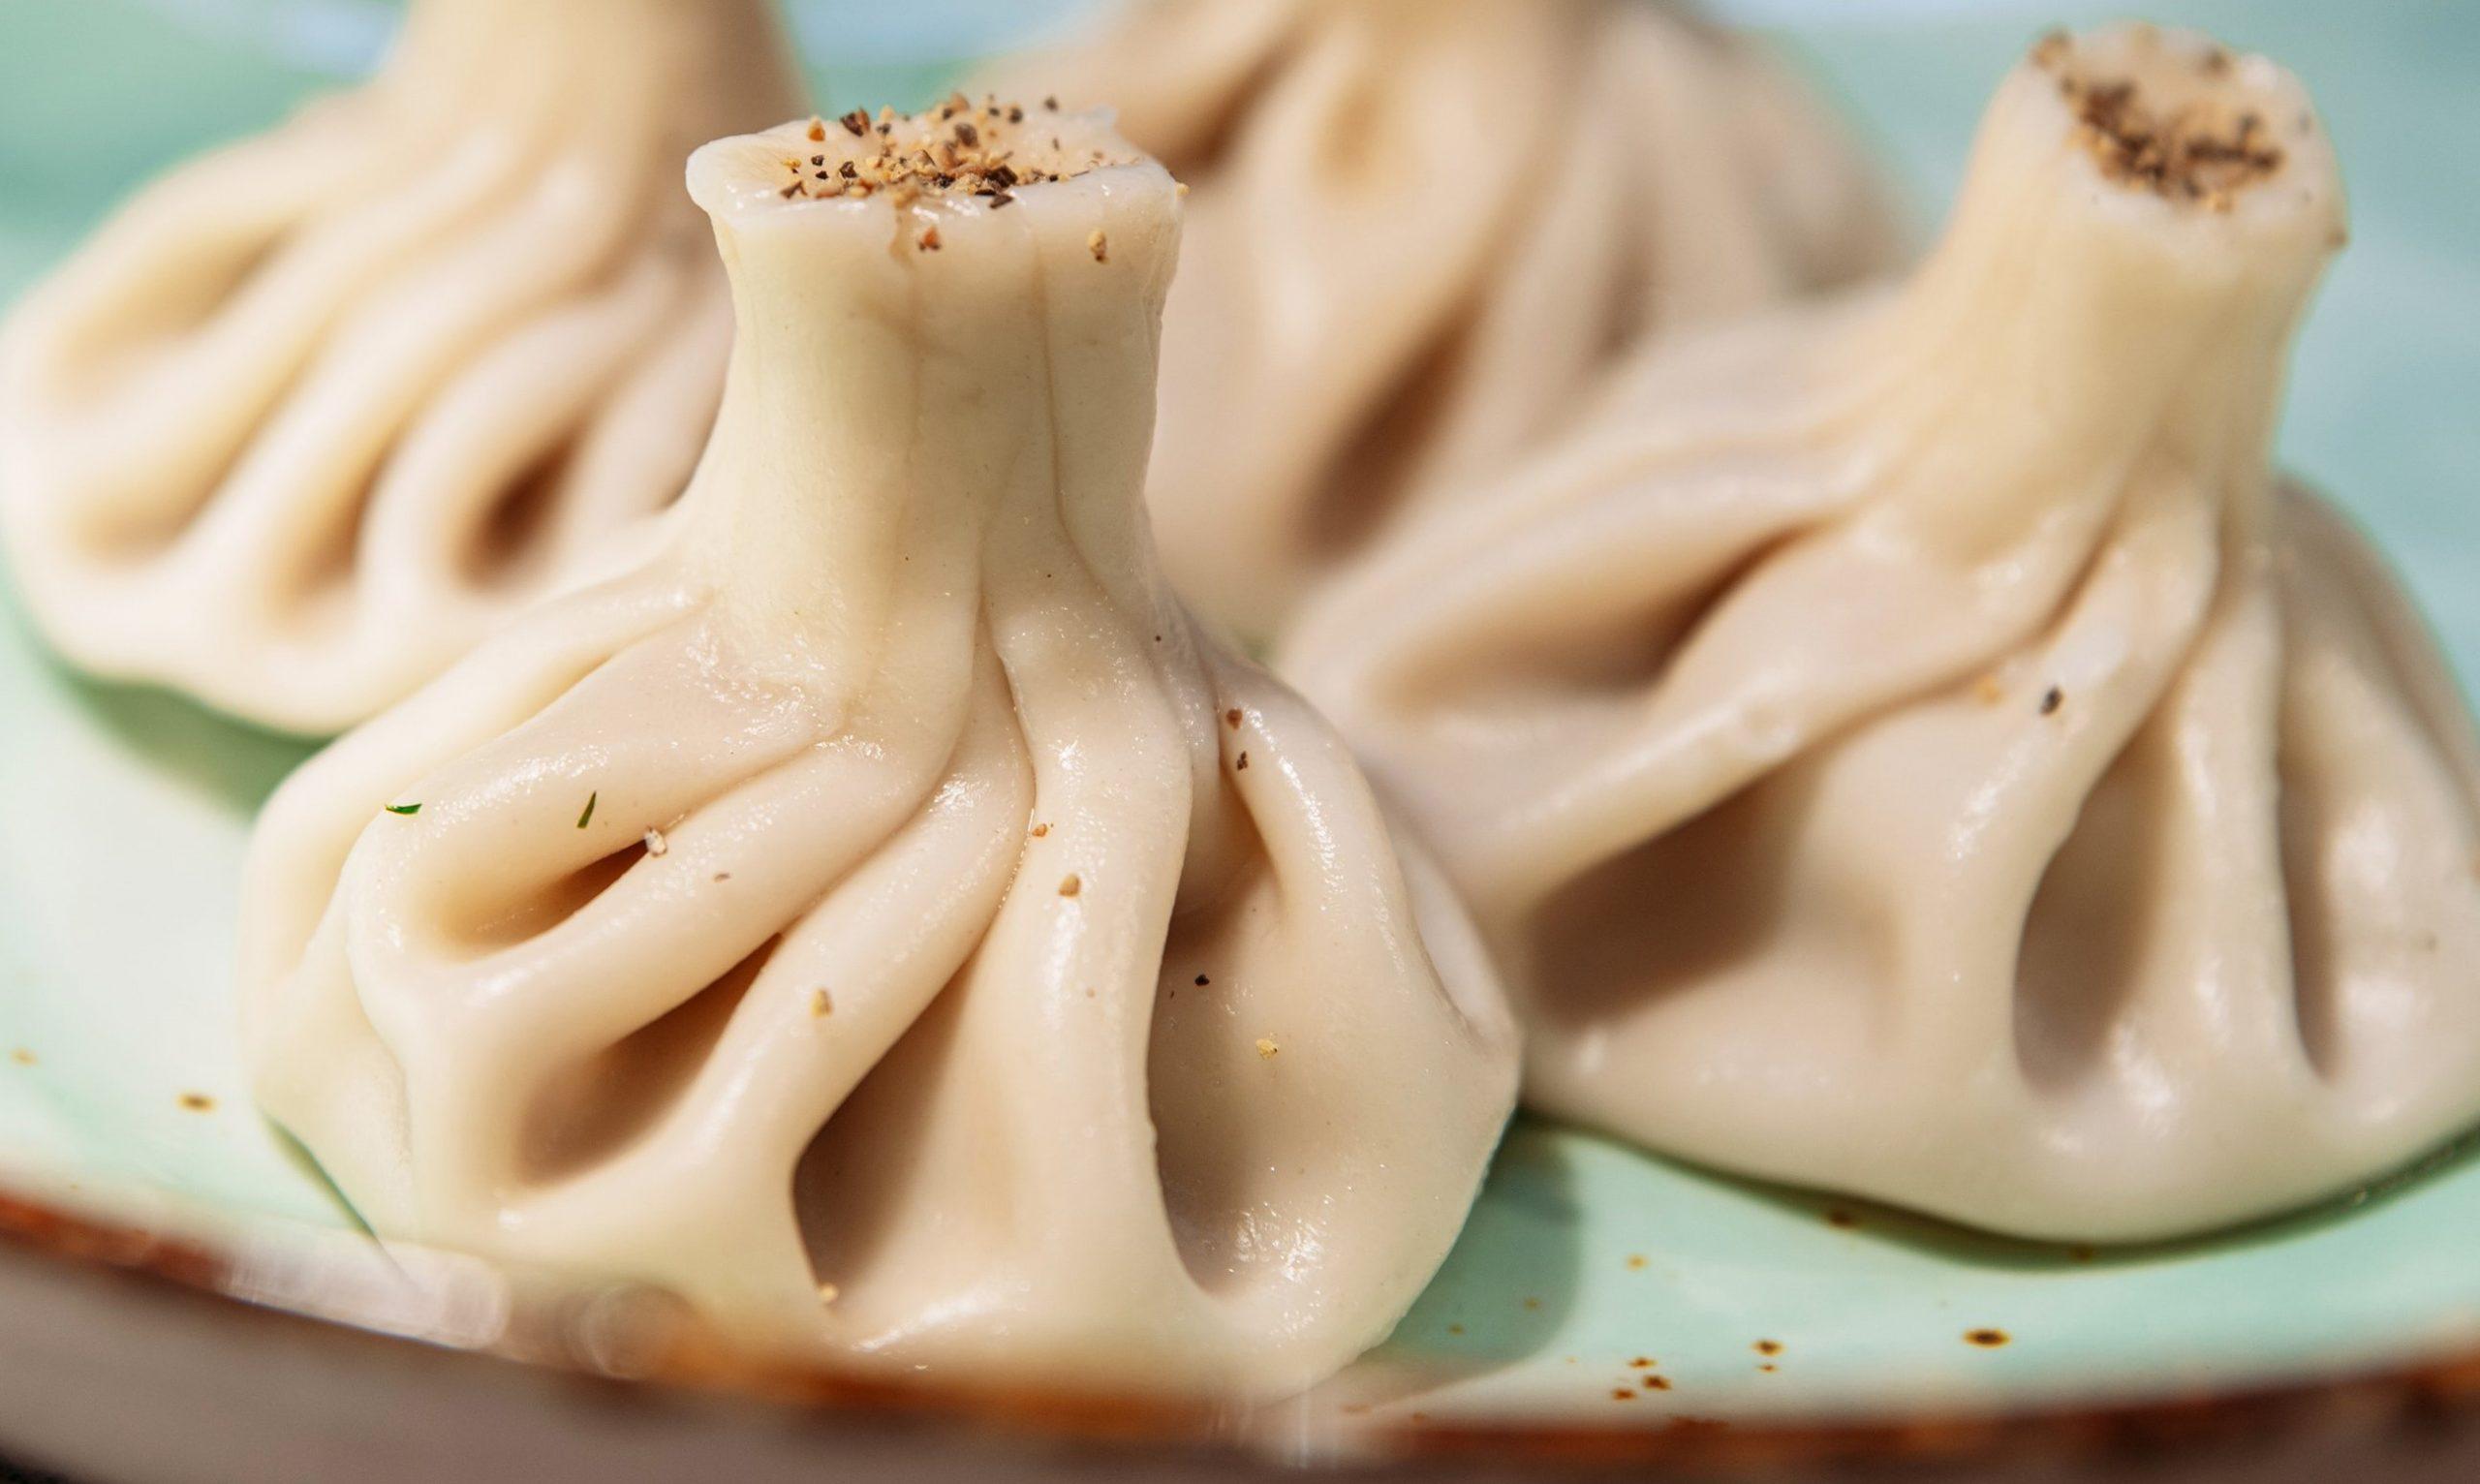 dumplings scaled #новости New Statesman, грузинская кухня, хинкали